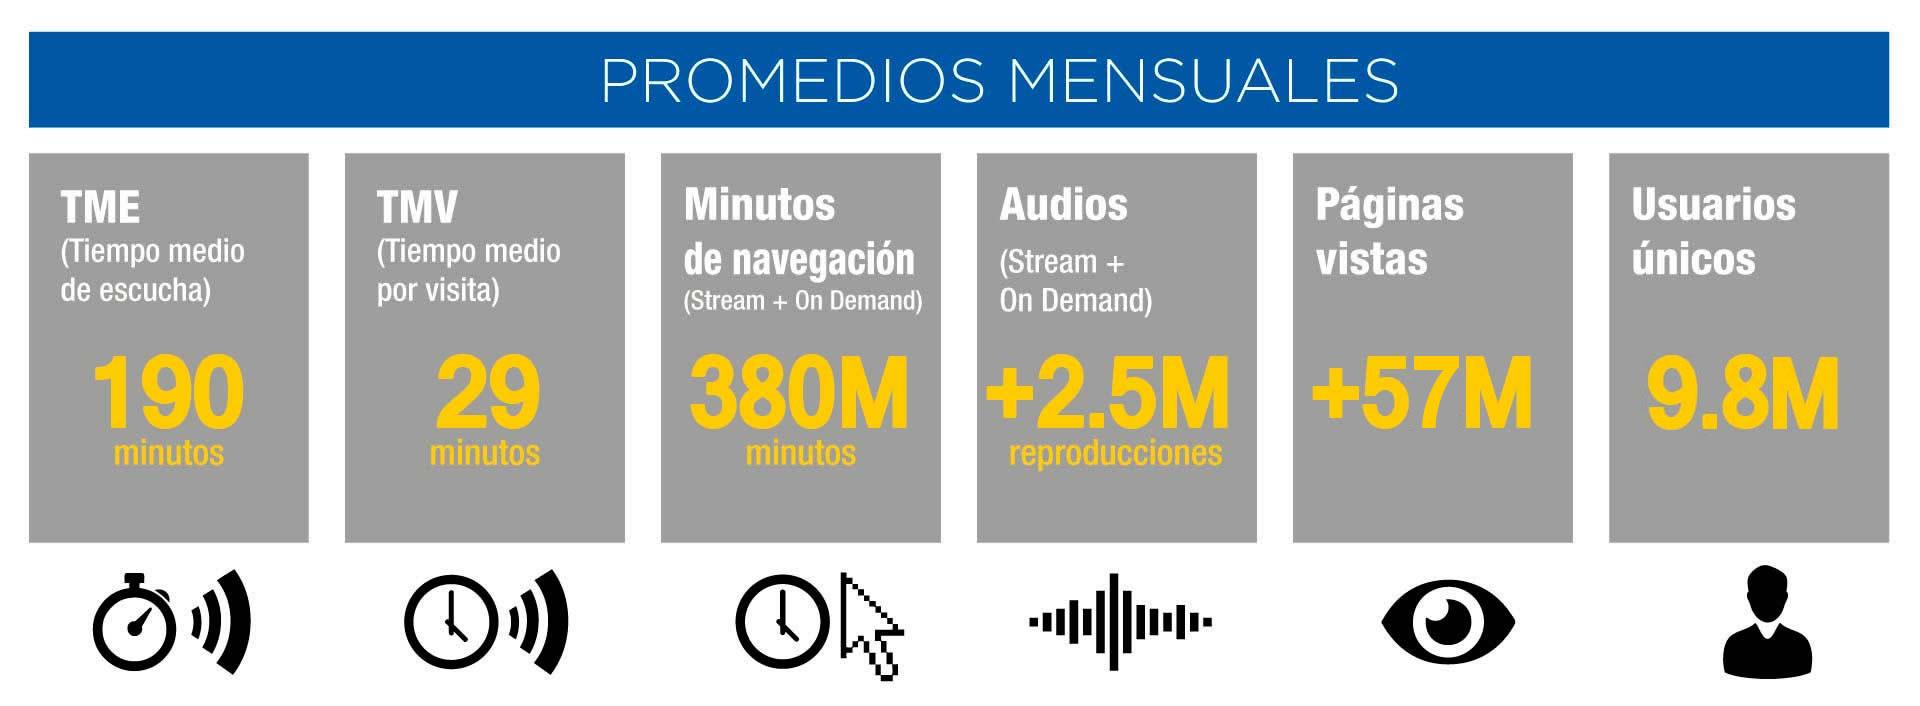 Mediciones Mediakit